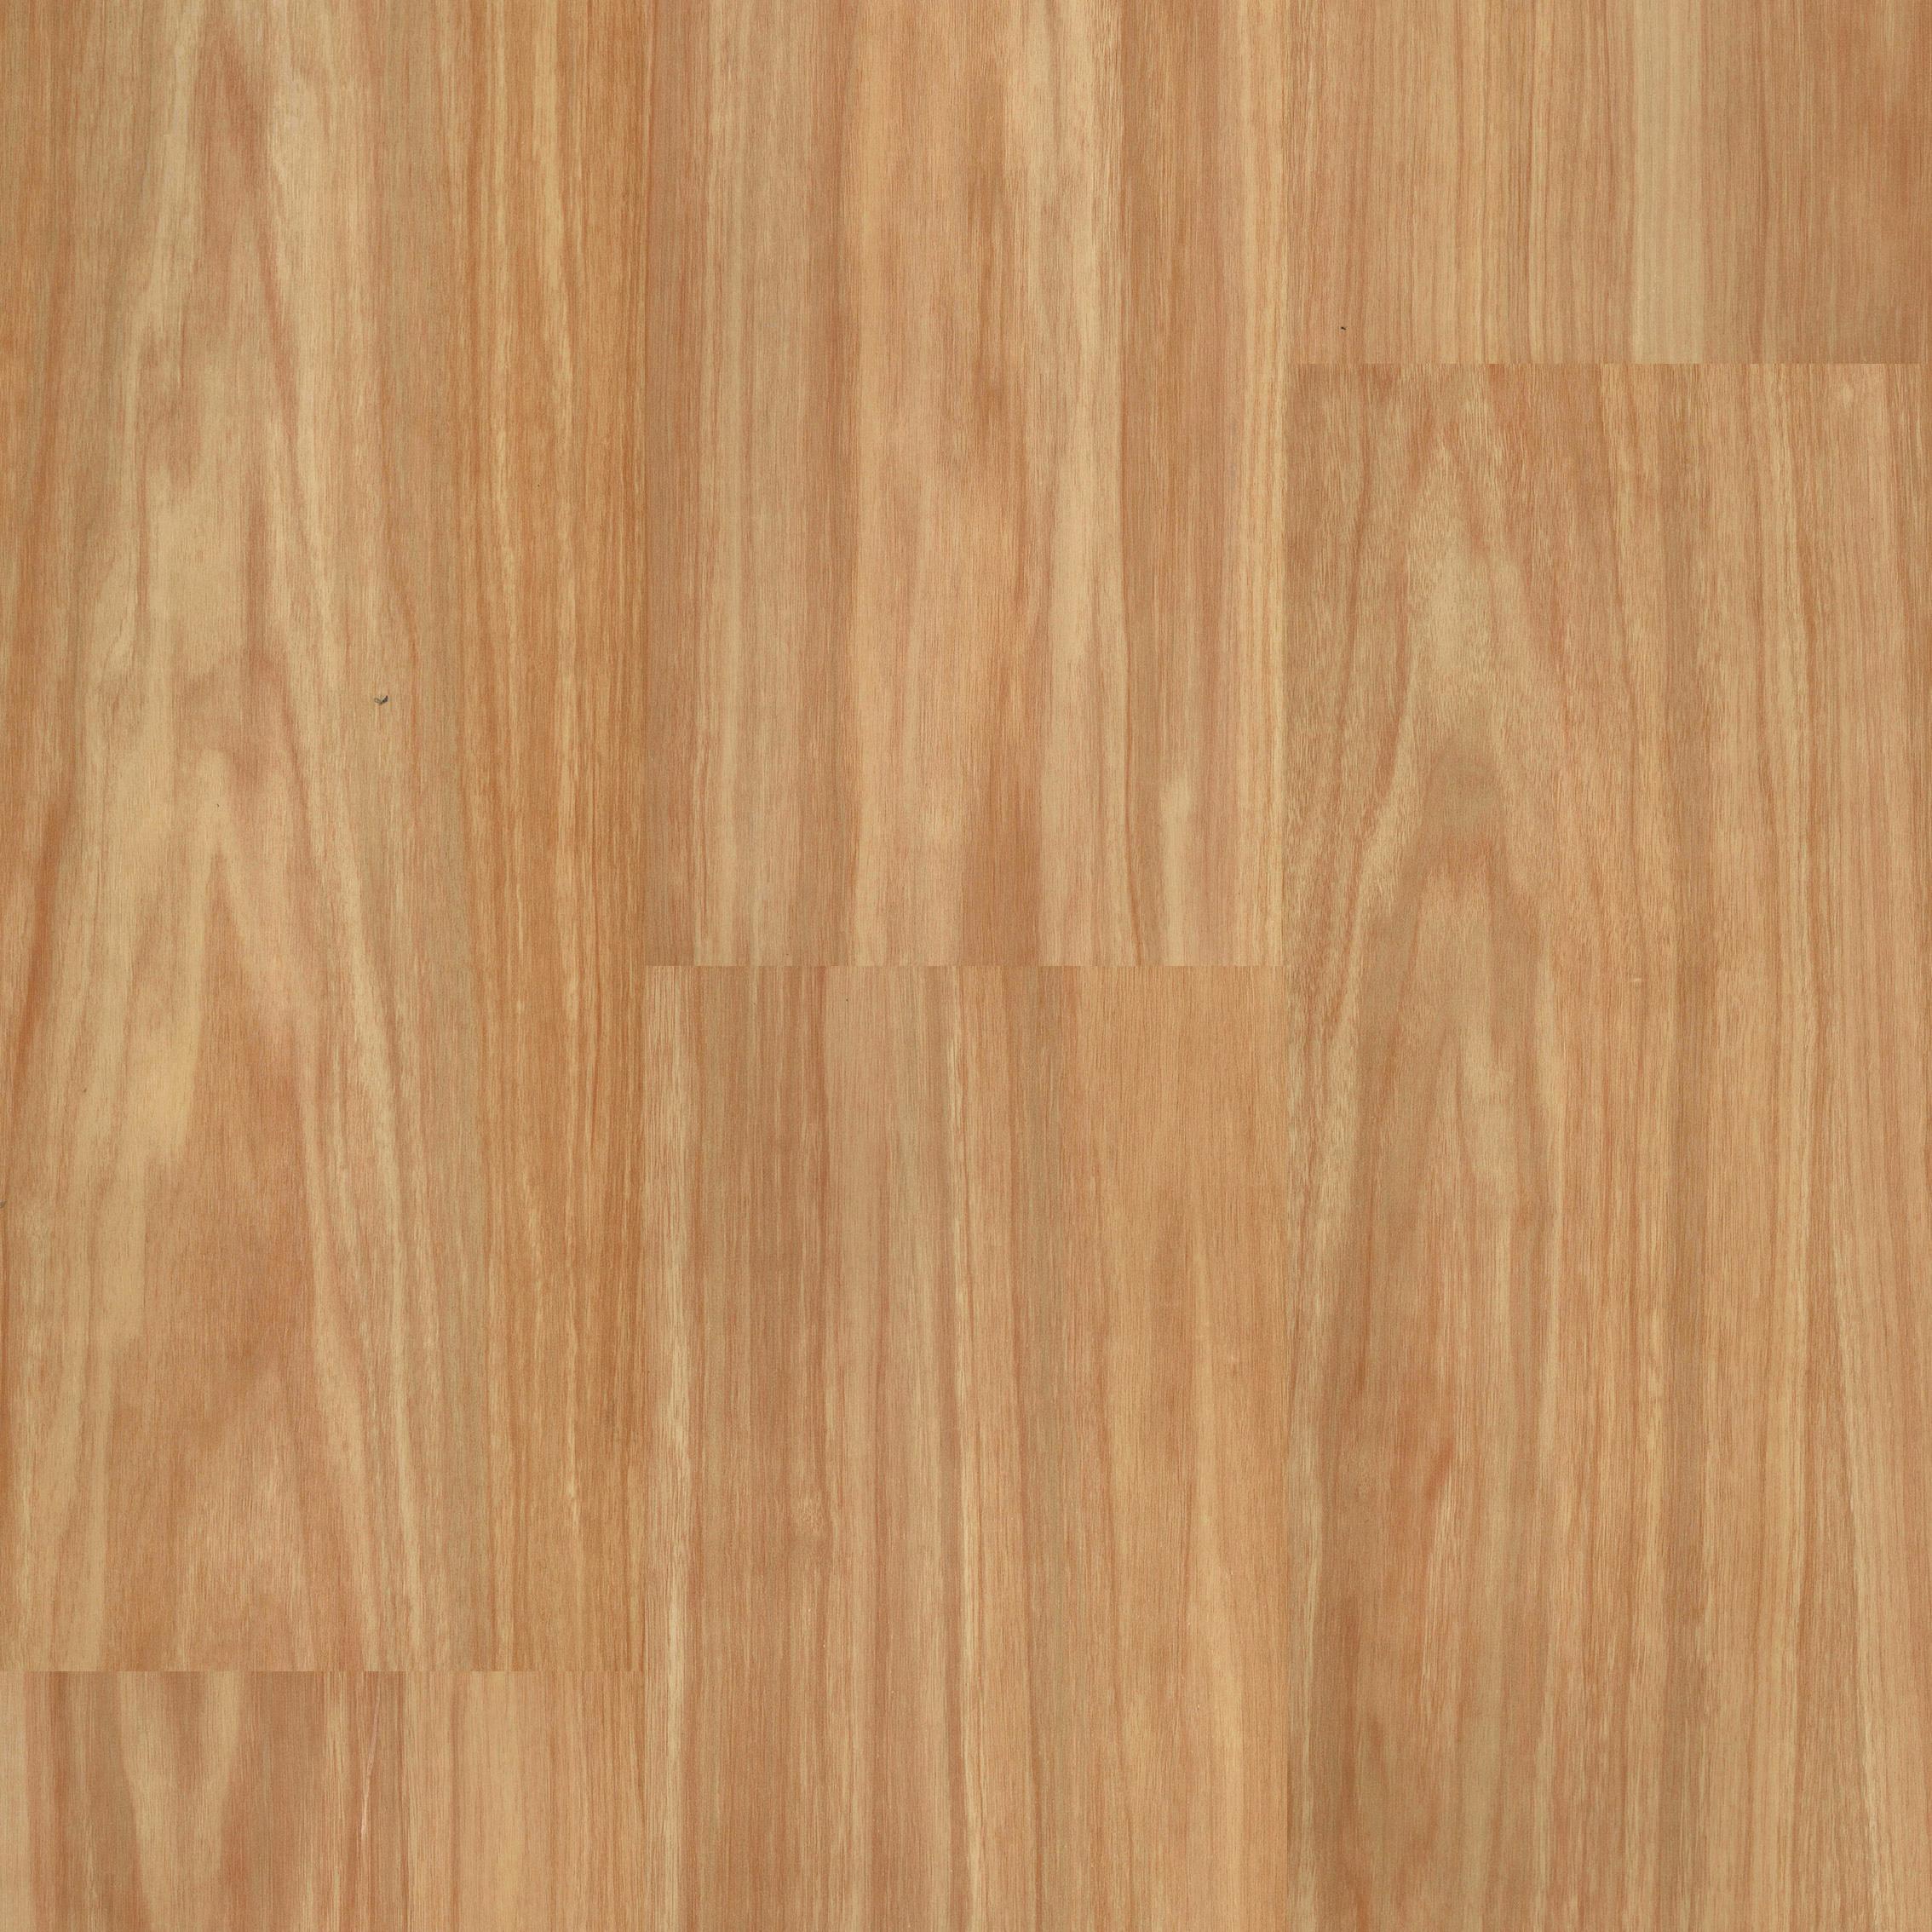 waterproof engineered hardwood flooring of ivc spring mountain oak vinyl inside ivc spring mountain oak 7 56 waterproof luxury vinyl plank flooring